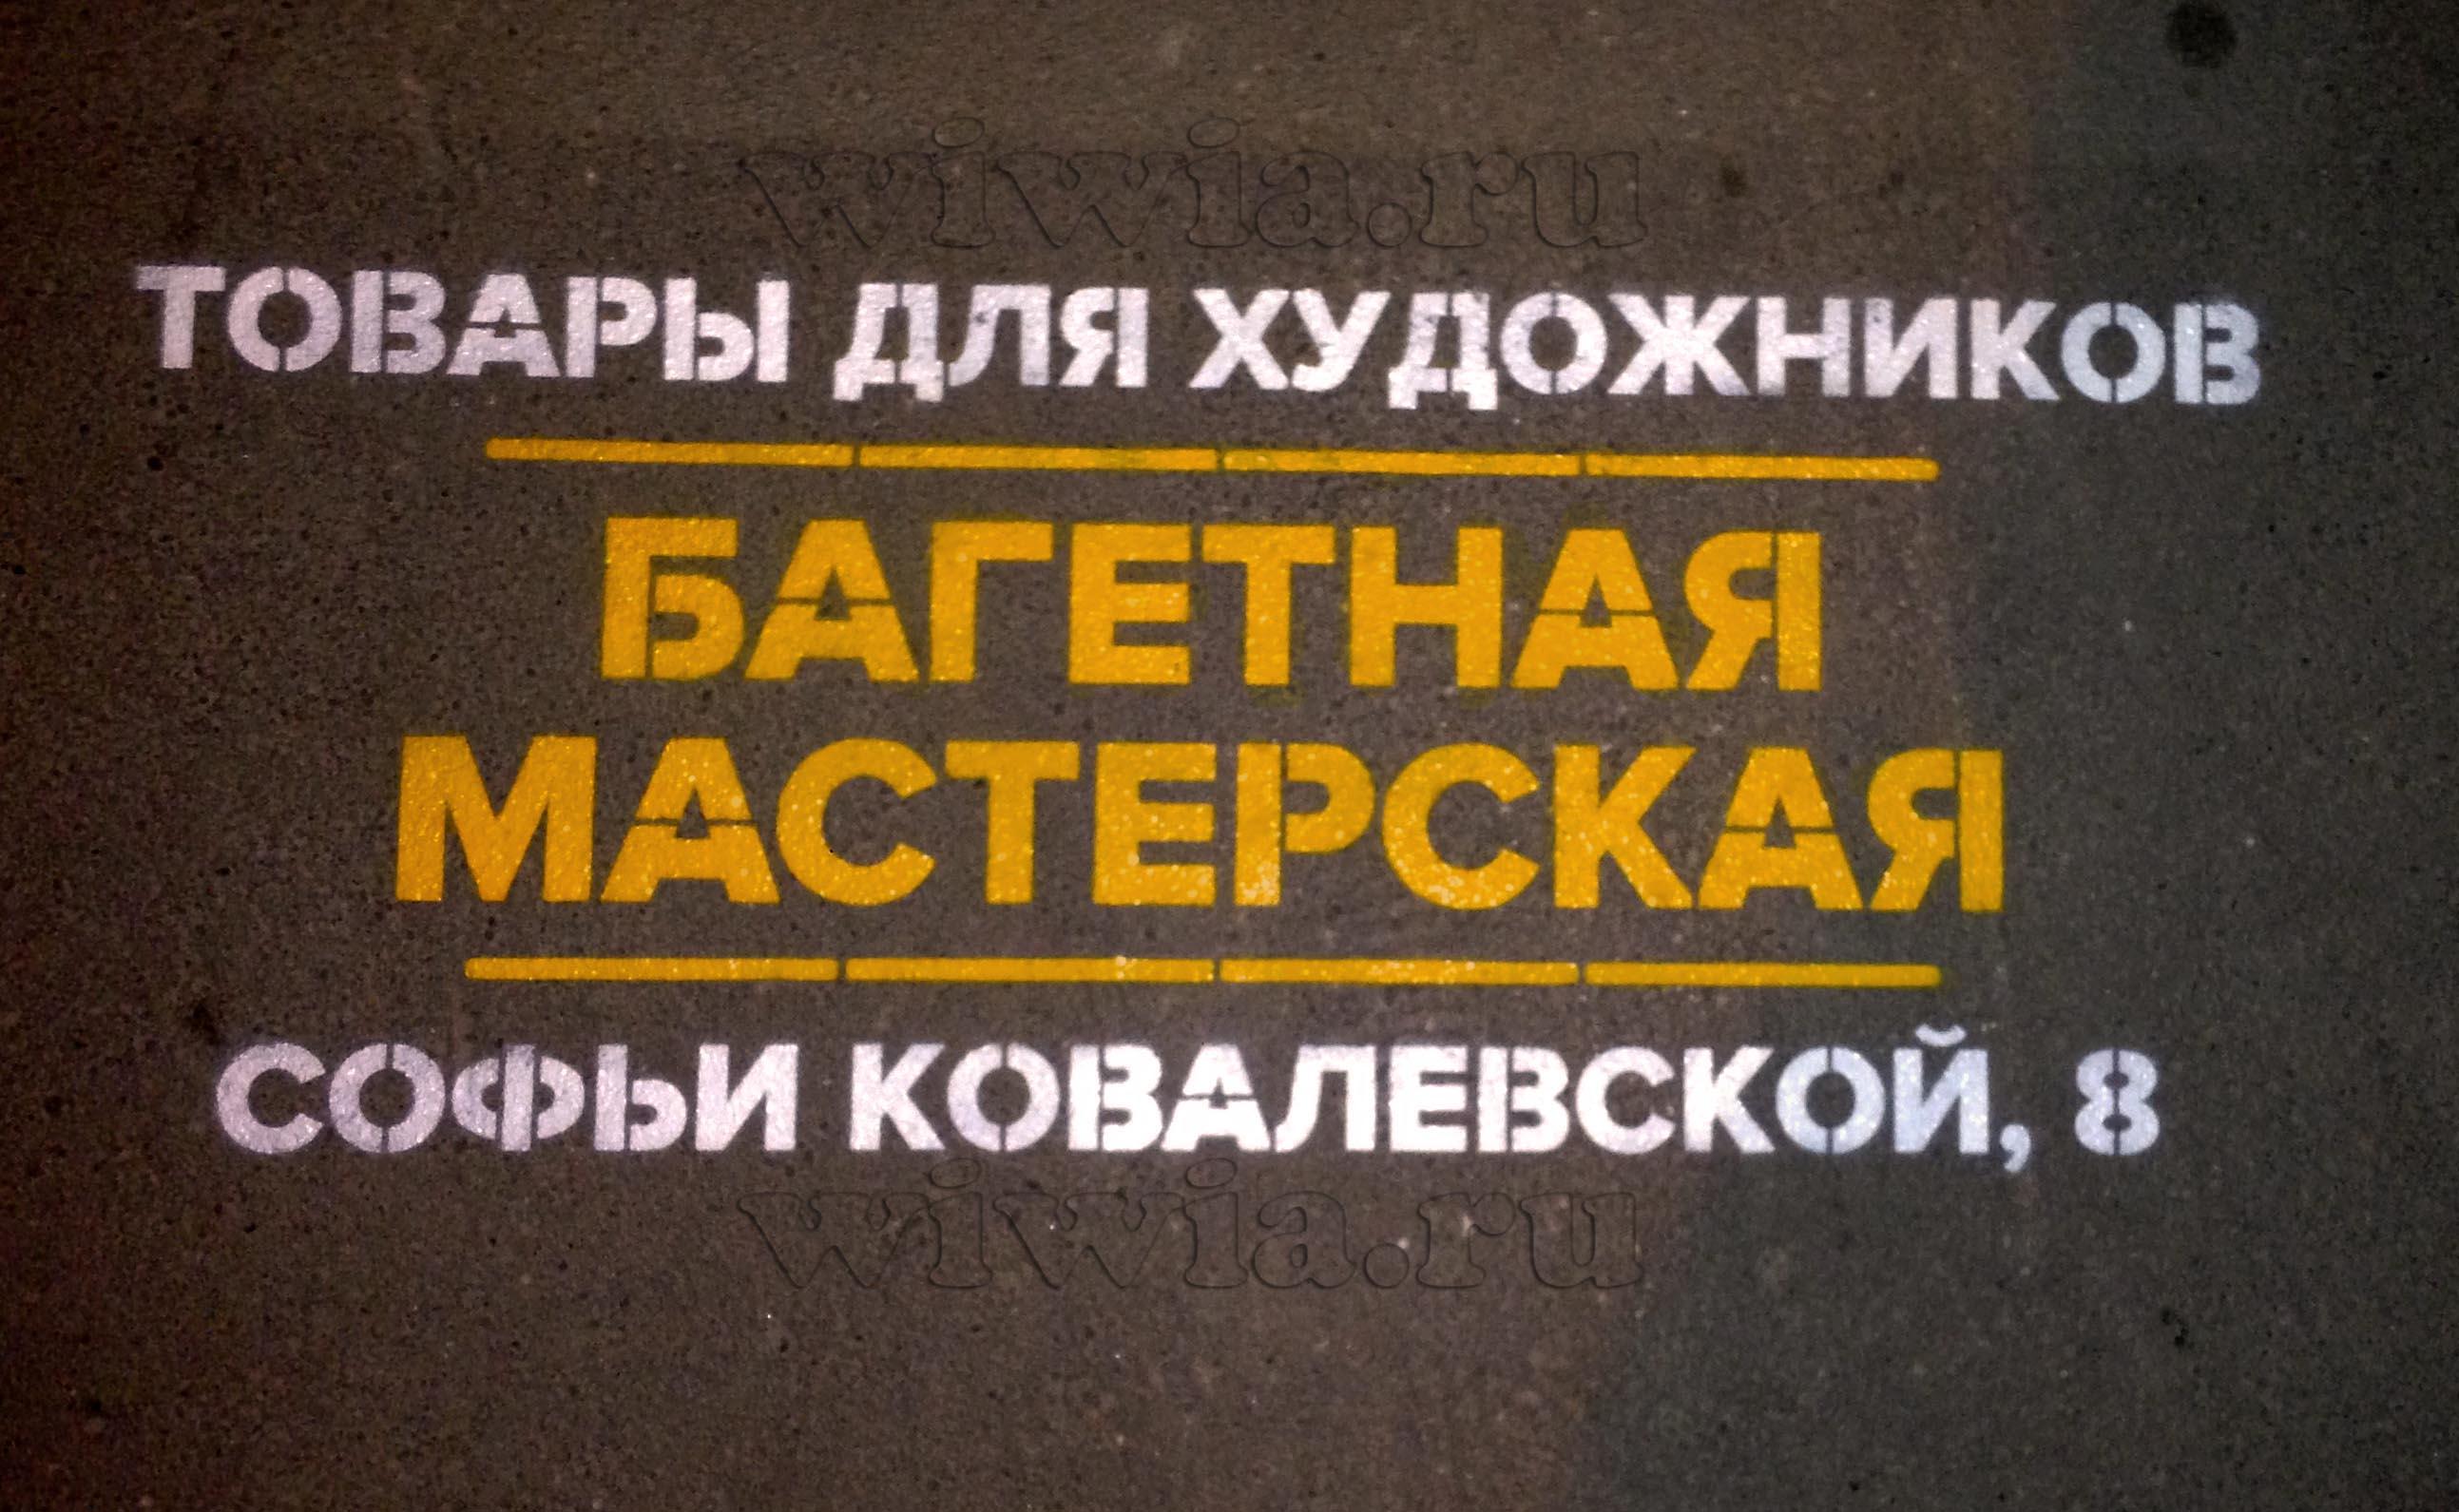 Реклама на асфальте в Москве.